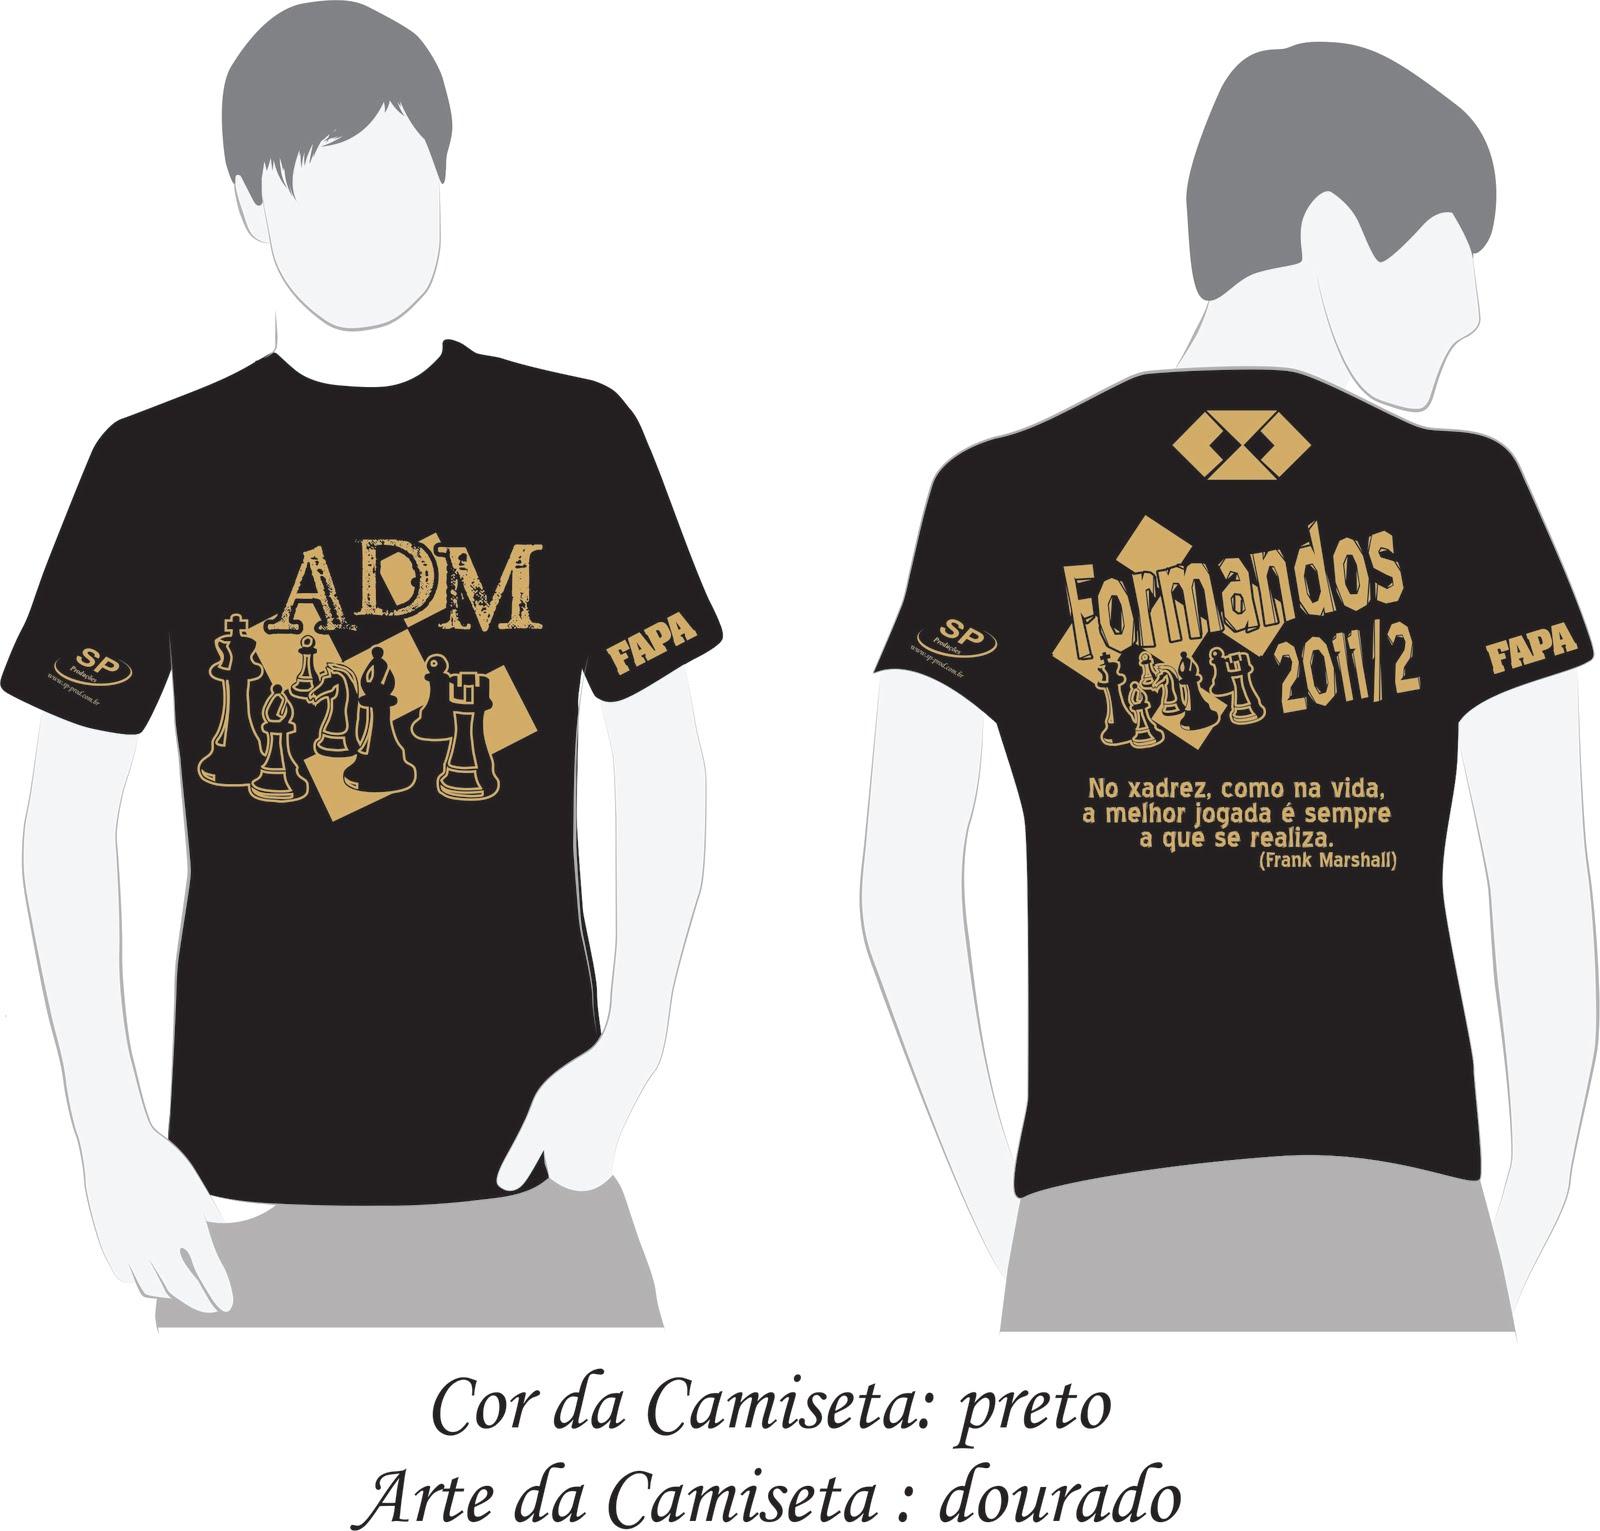 Formandos ADM FAPA 2011 02  Modelos de Camiseta cbdbd6d450a